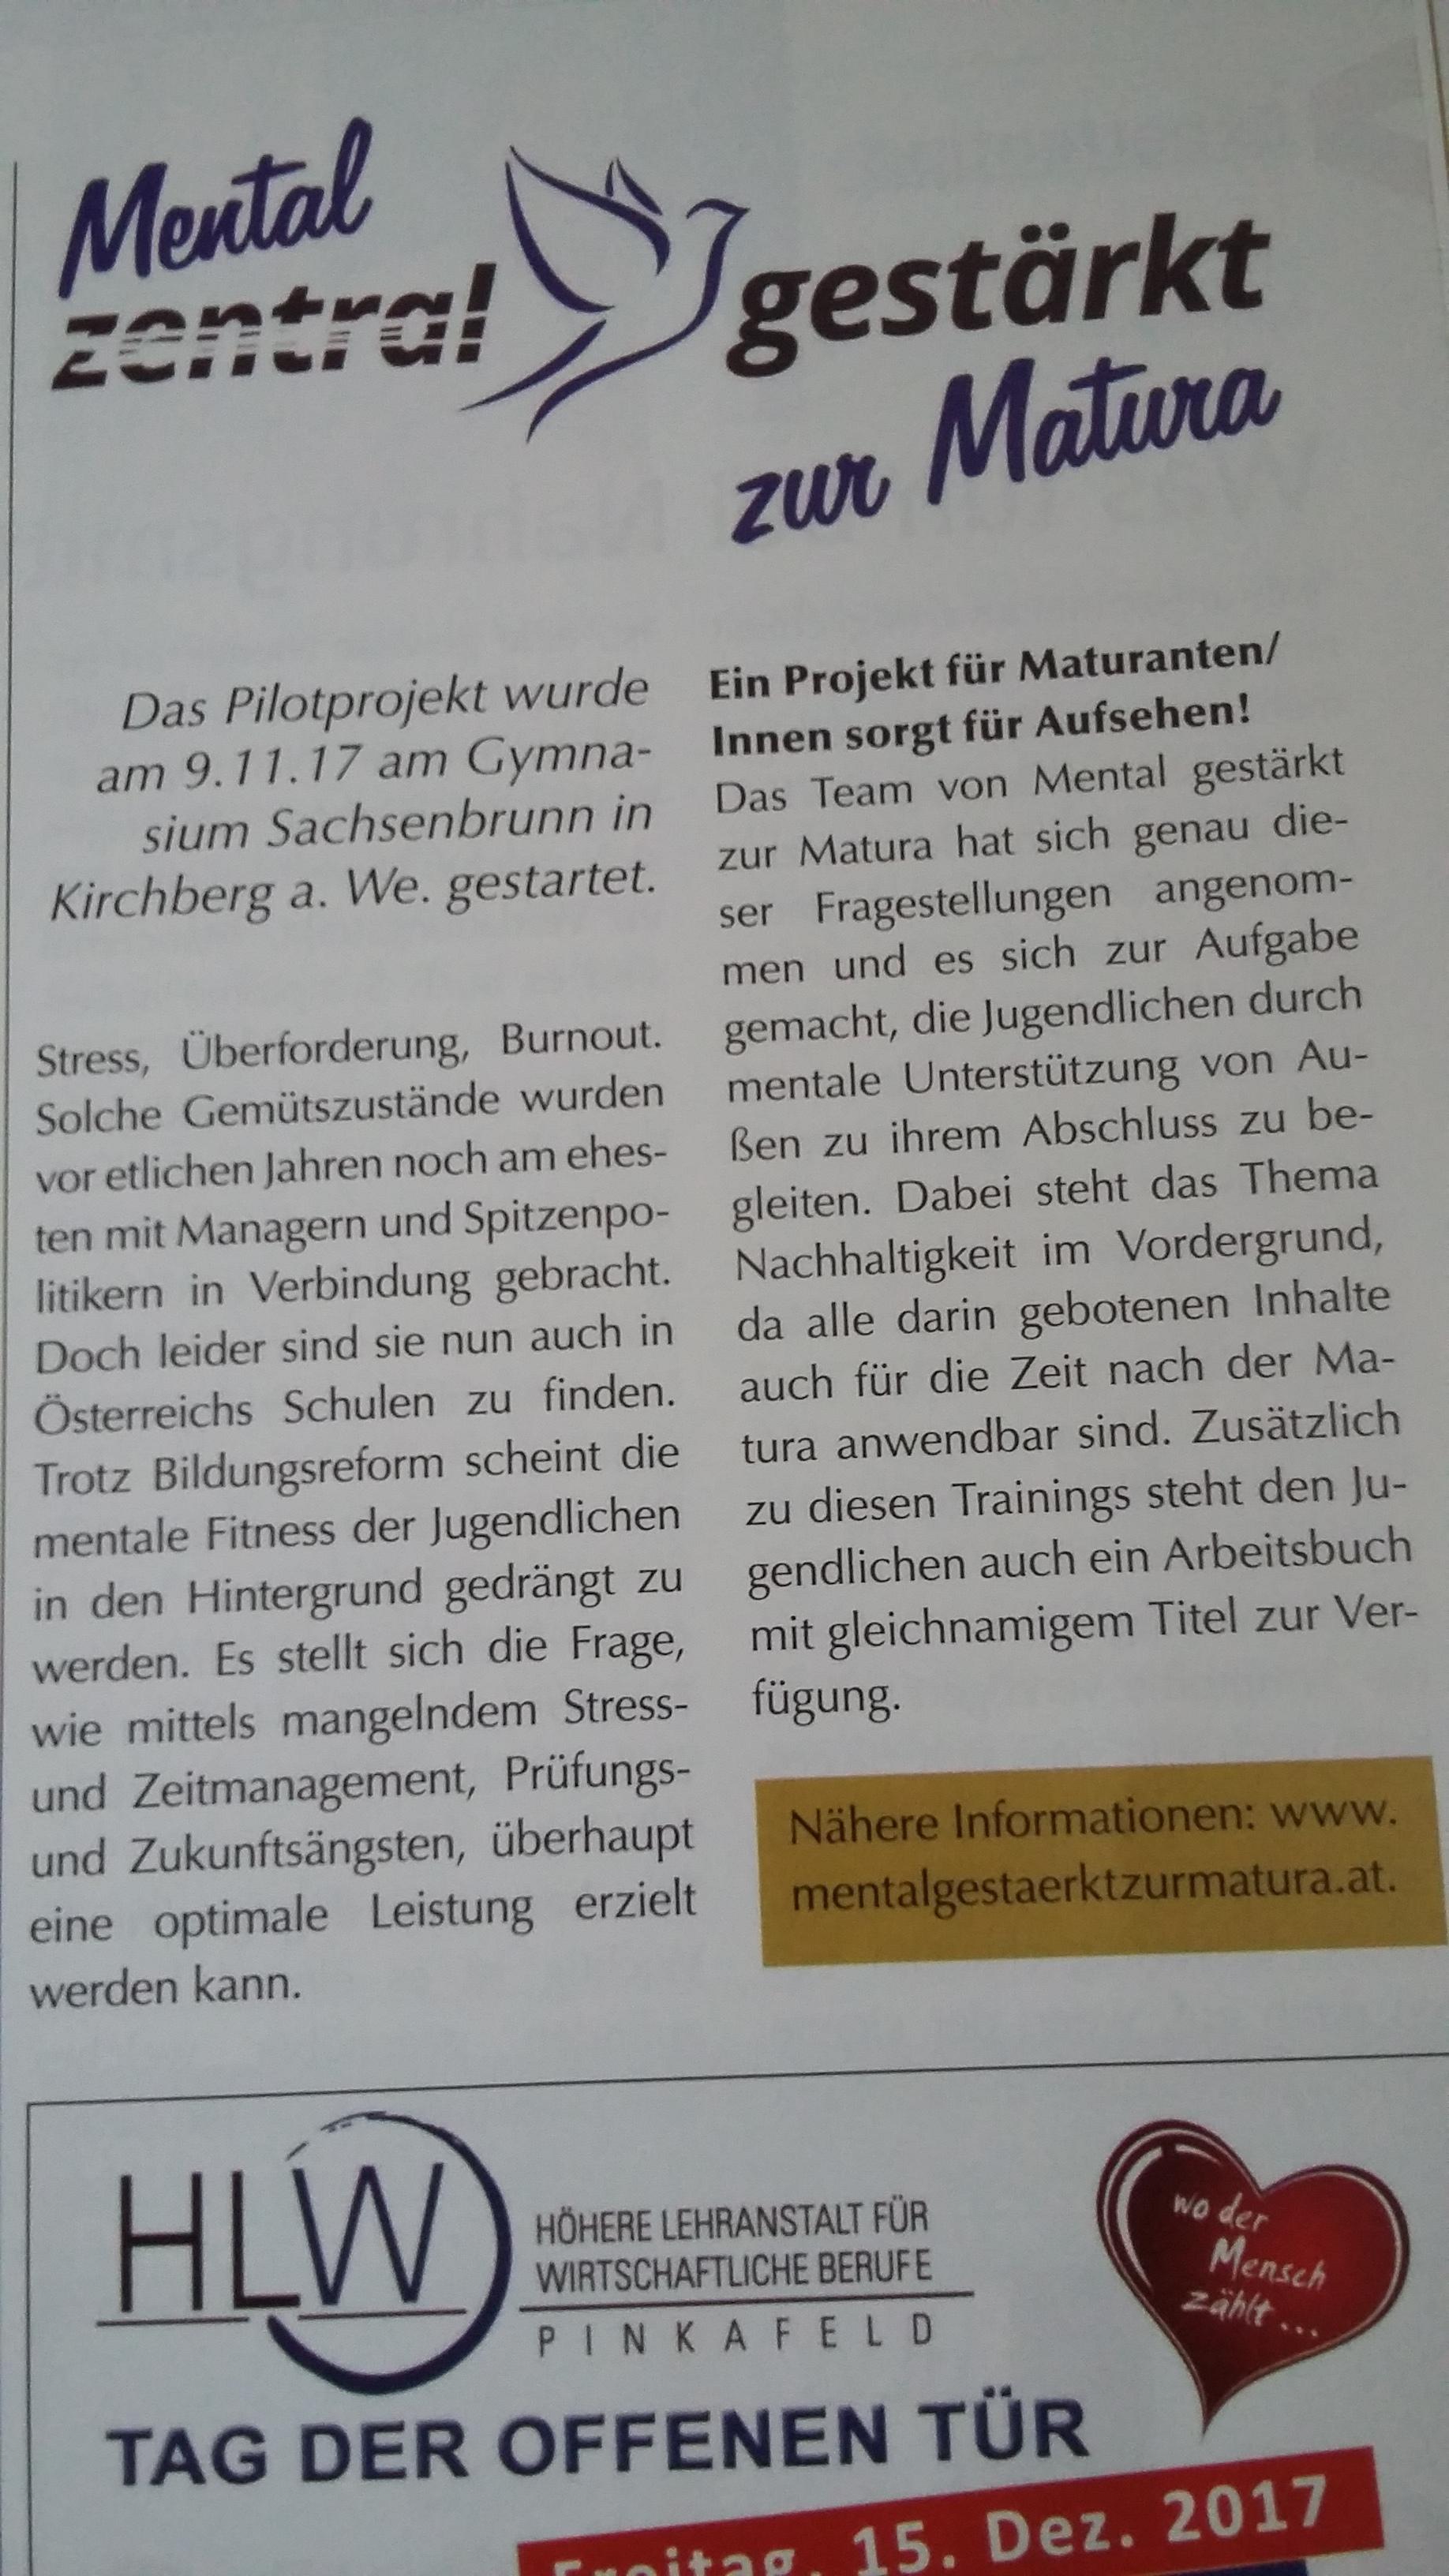 Wechsellandzeitung  NOV 2017_MGZM[9024].jpg